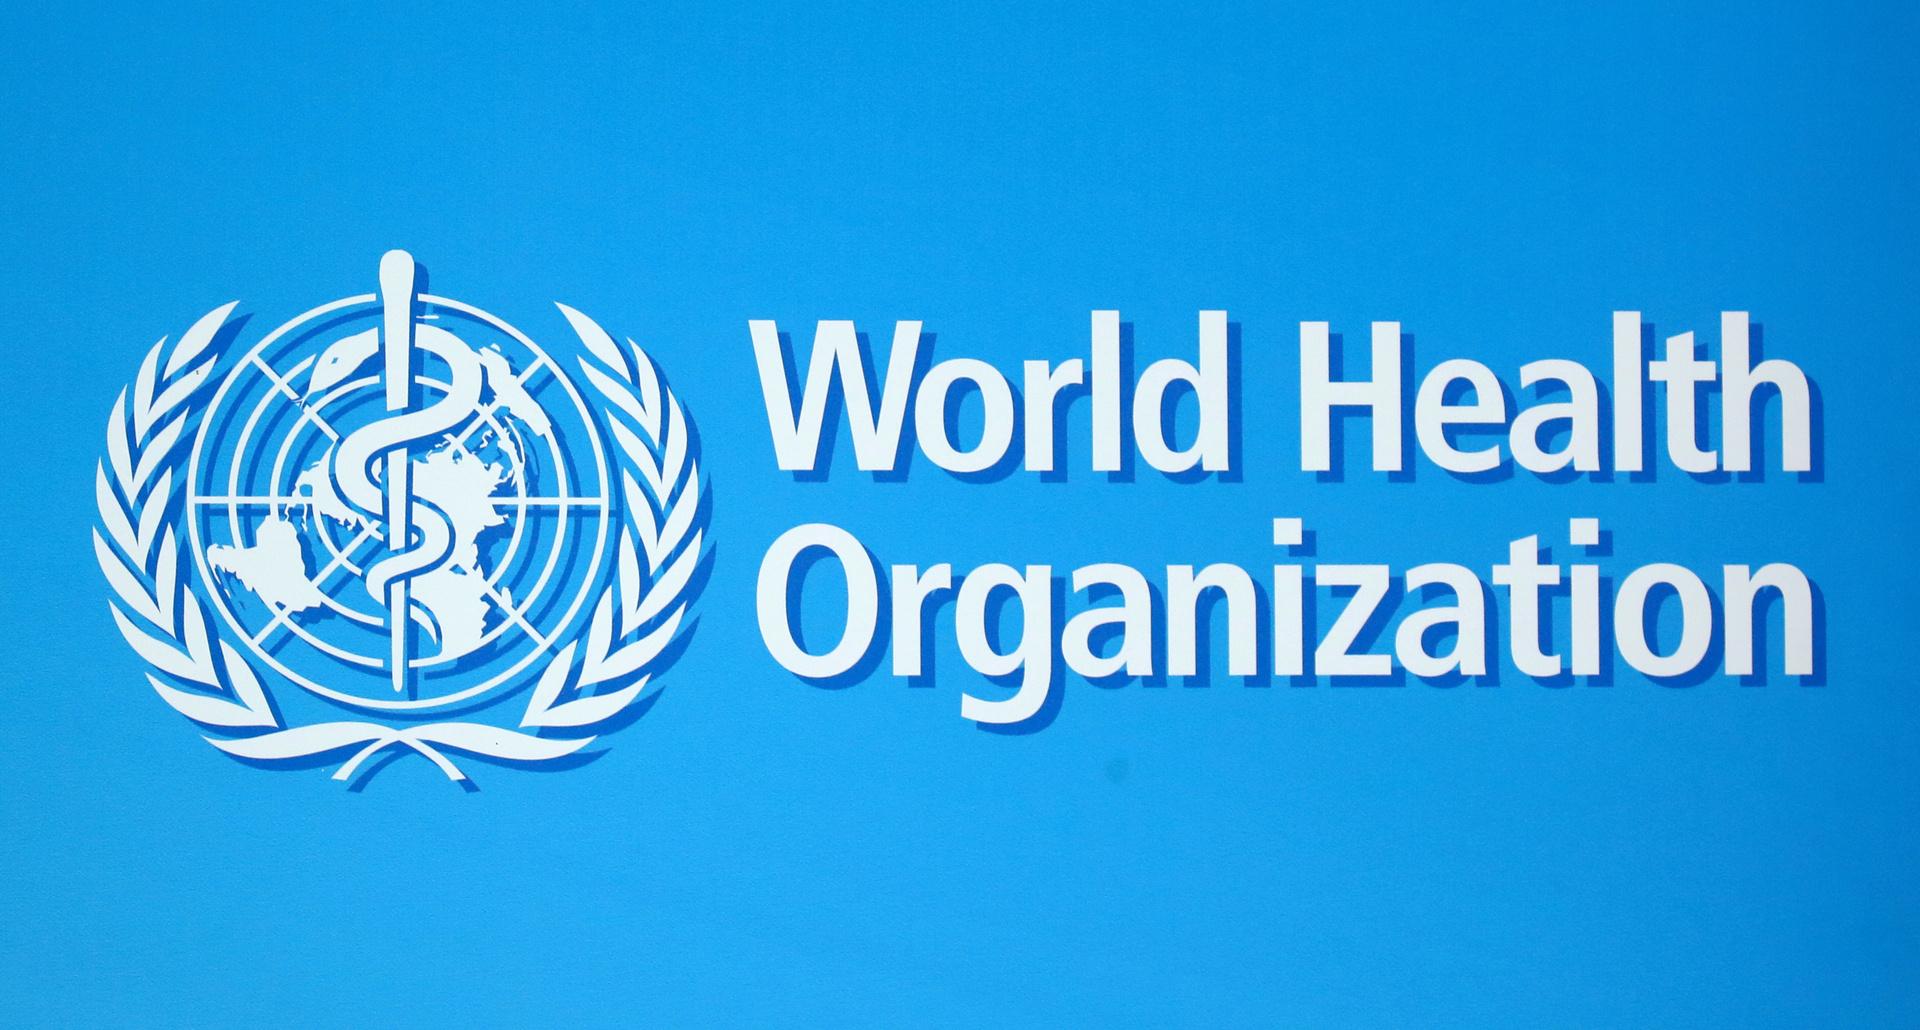 منظمة الصحة العالمية تعتزم القضاء على الملاريا في 25 بلدا إضافيا